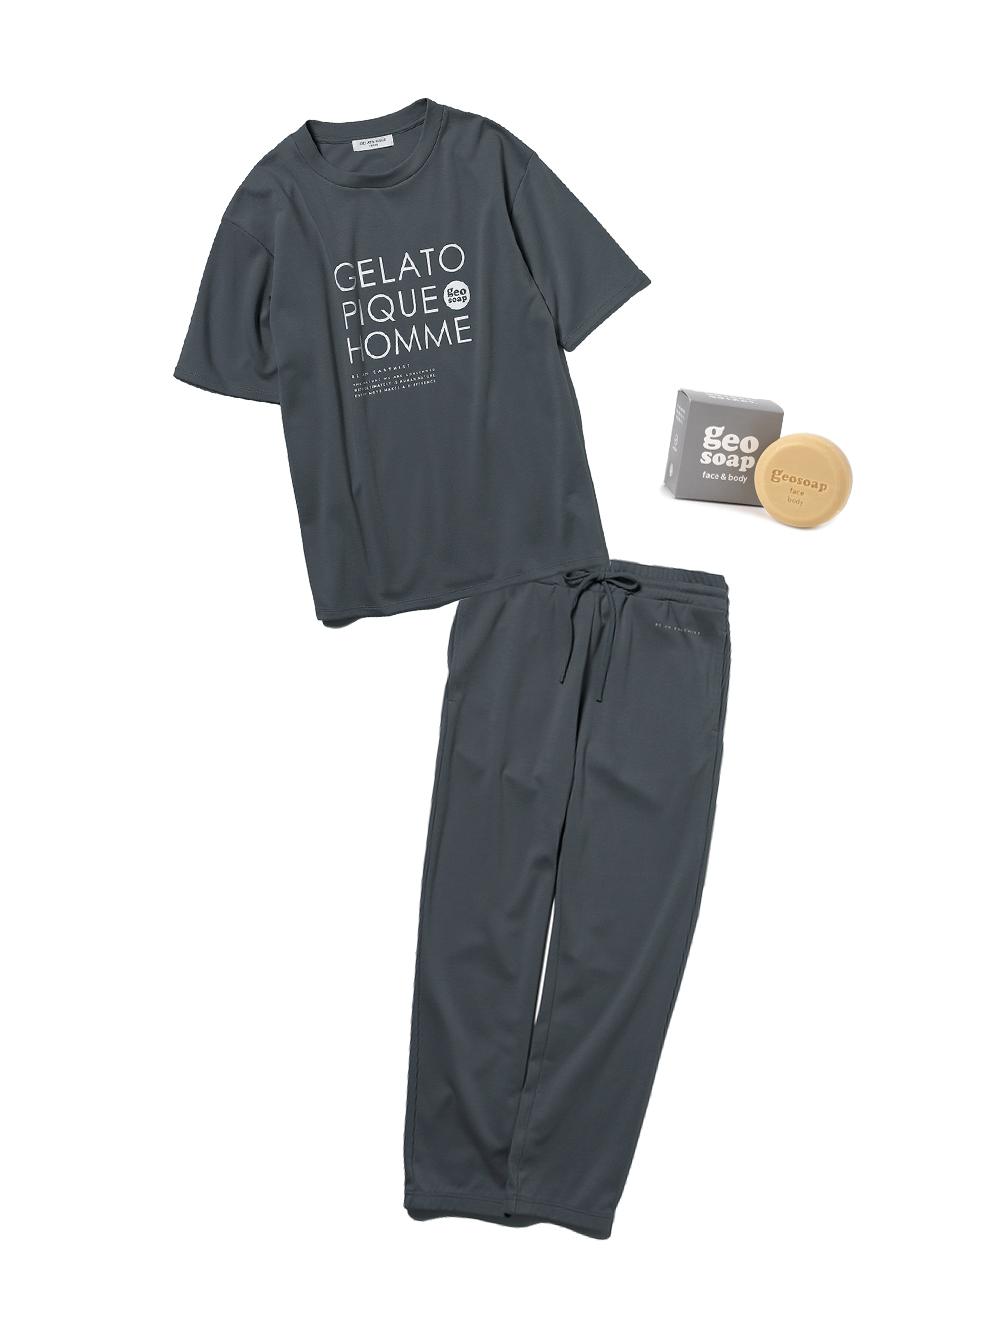 【ラッピング】【HOMME】【geo soap】ワンポイントTシャツ&ロングパンツSET